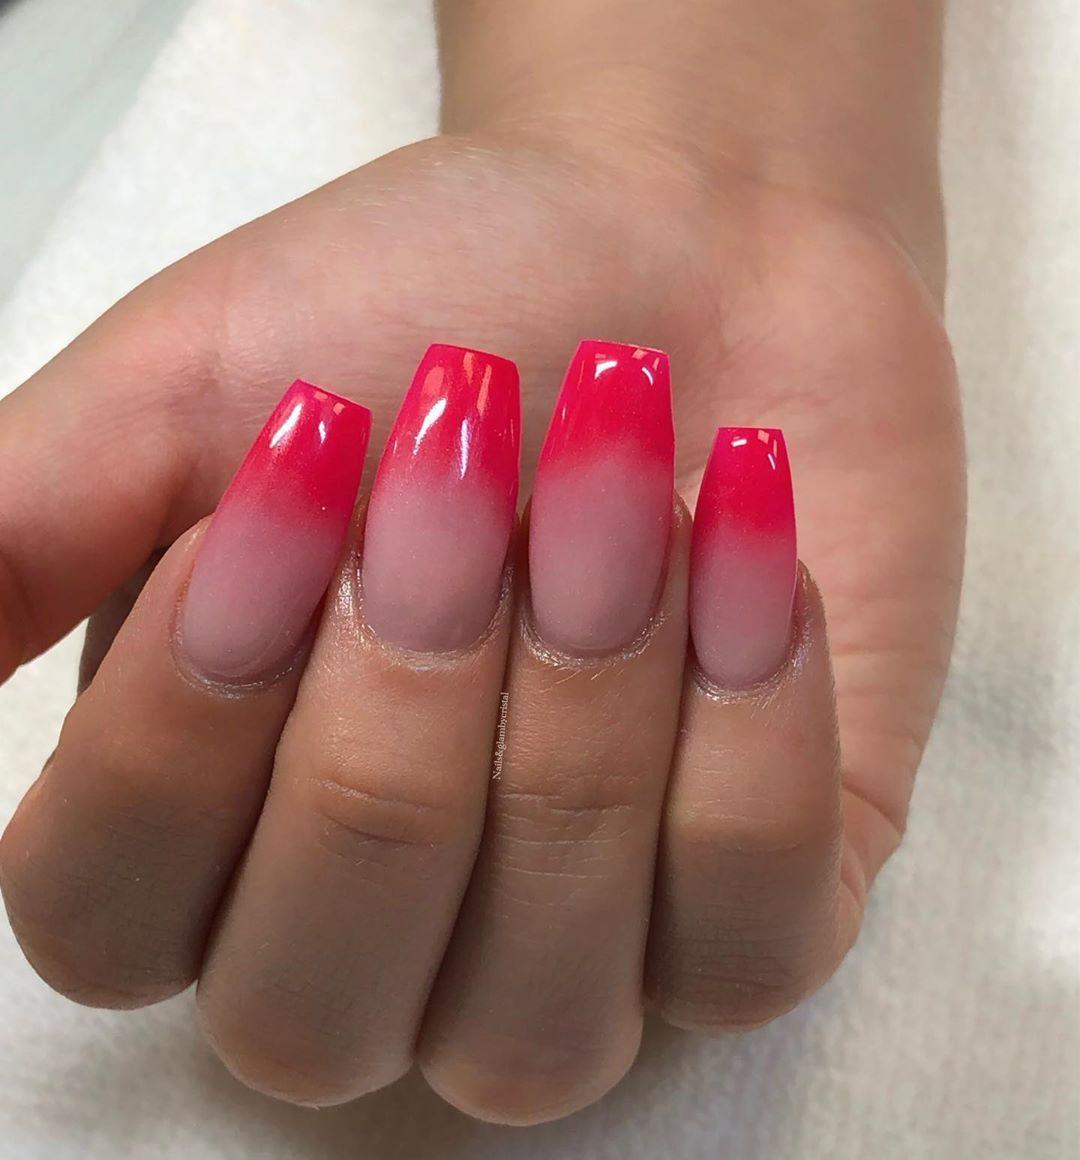 Nail Paint And Nail Art Fun Nail Art Nail Paint Design Easy Nail Art Videos Nail Art Images Designs Nail Art Videos Simple Nail Art Designs Simple Nail Designs